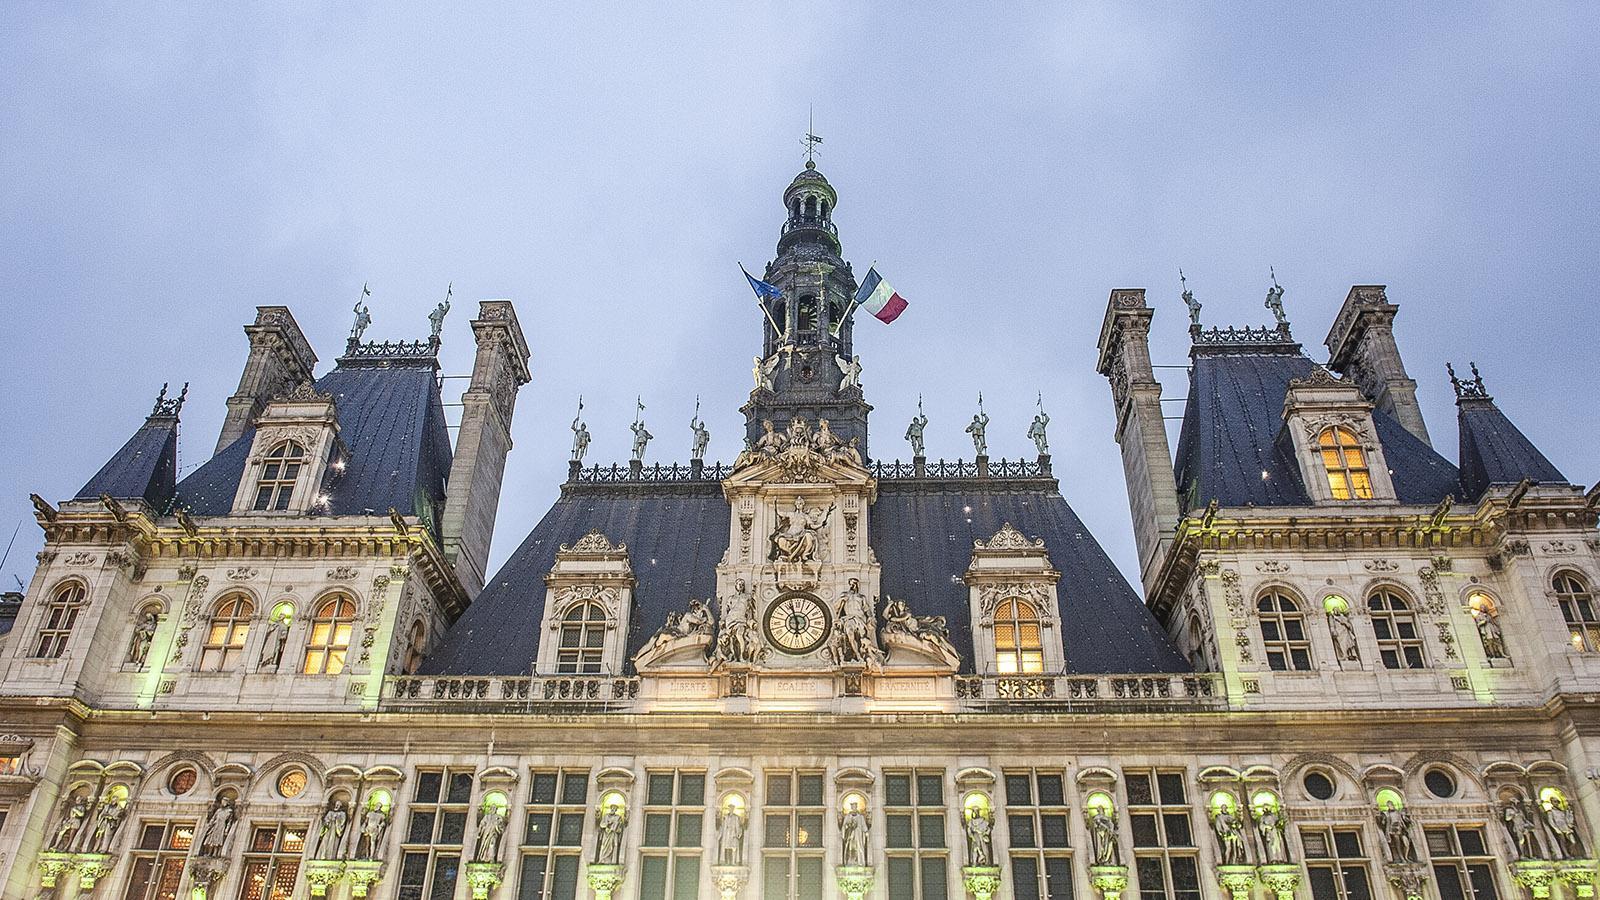 L'Hôtel de Ville: das Rathaus von Paris. Foto: Hilke Maunder